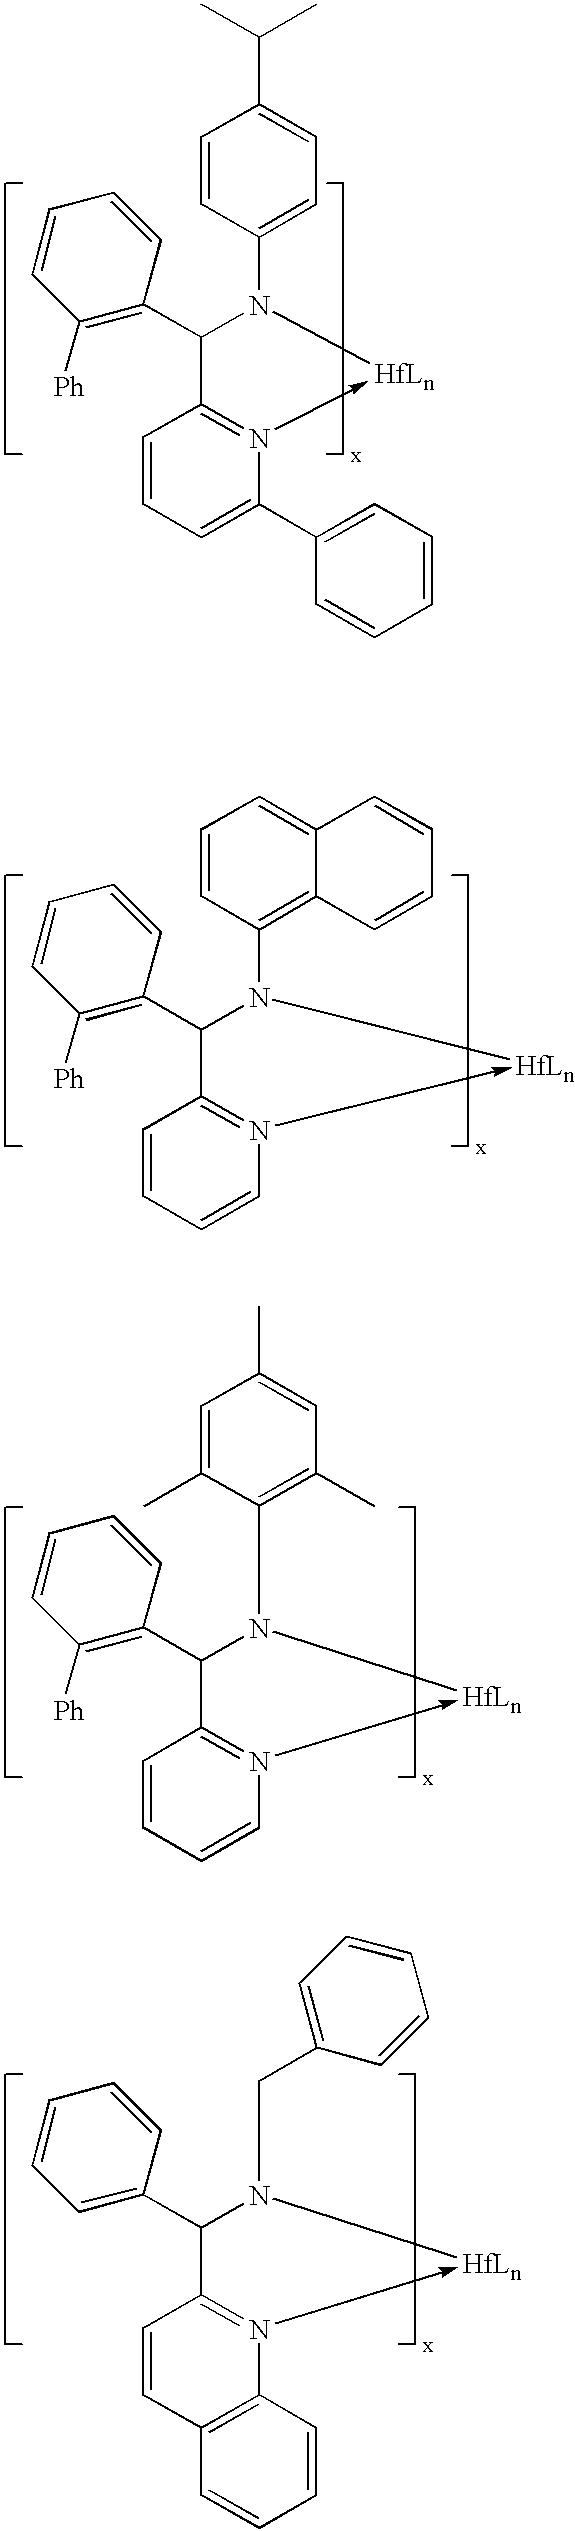 Figure US06927256-20050809-C00015